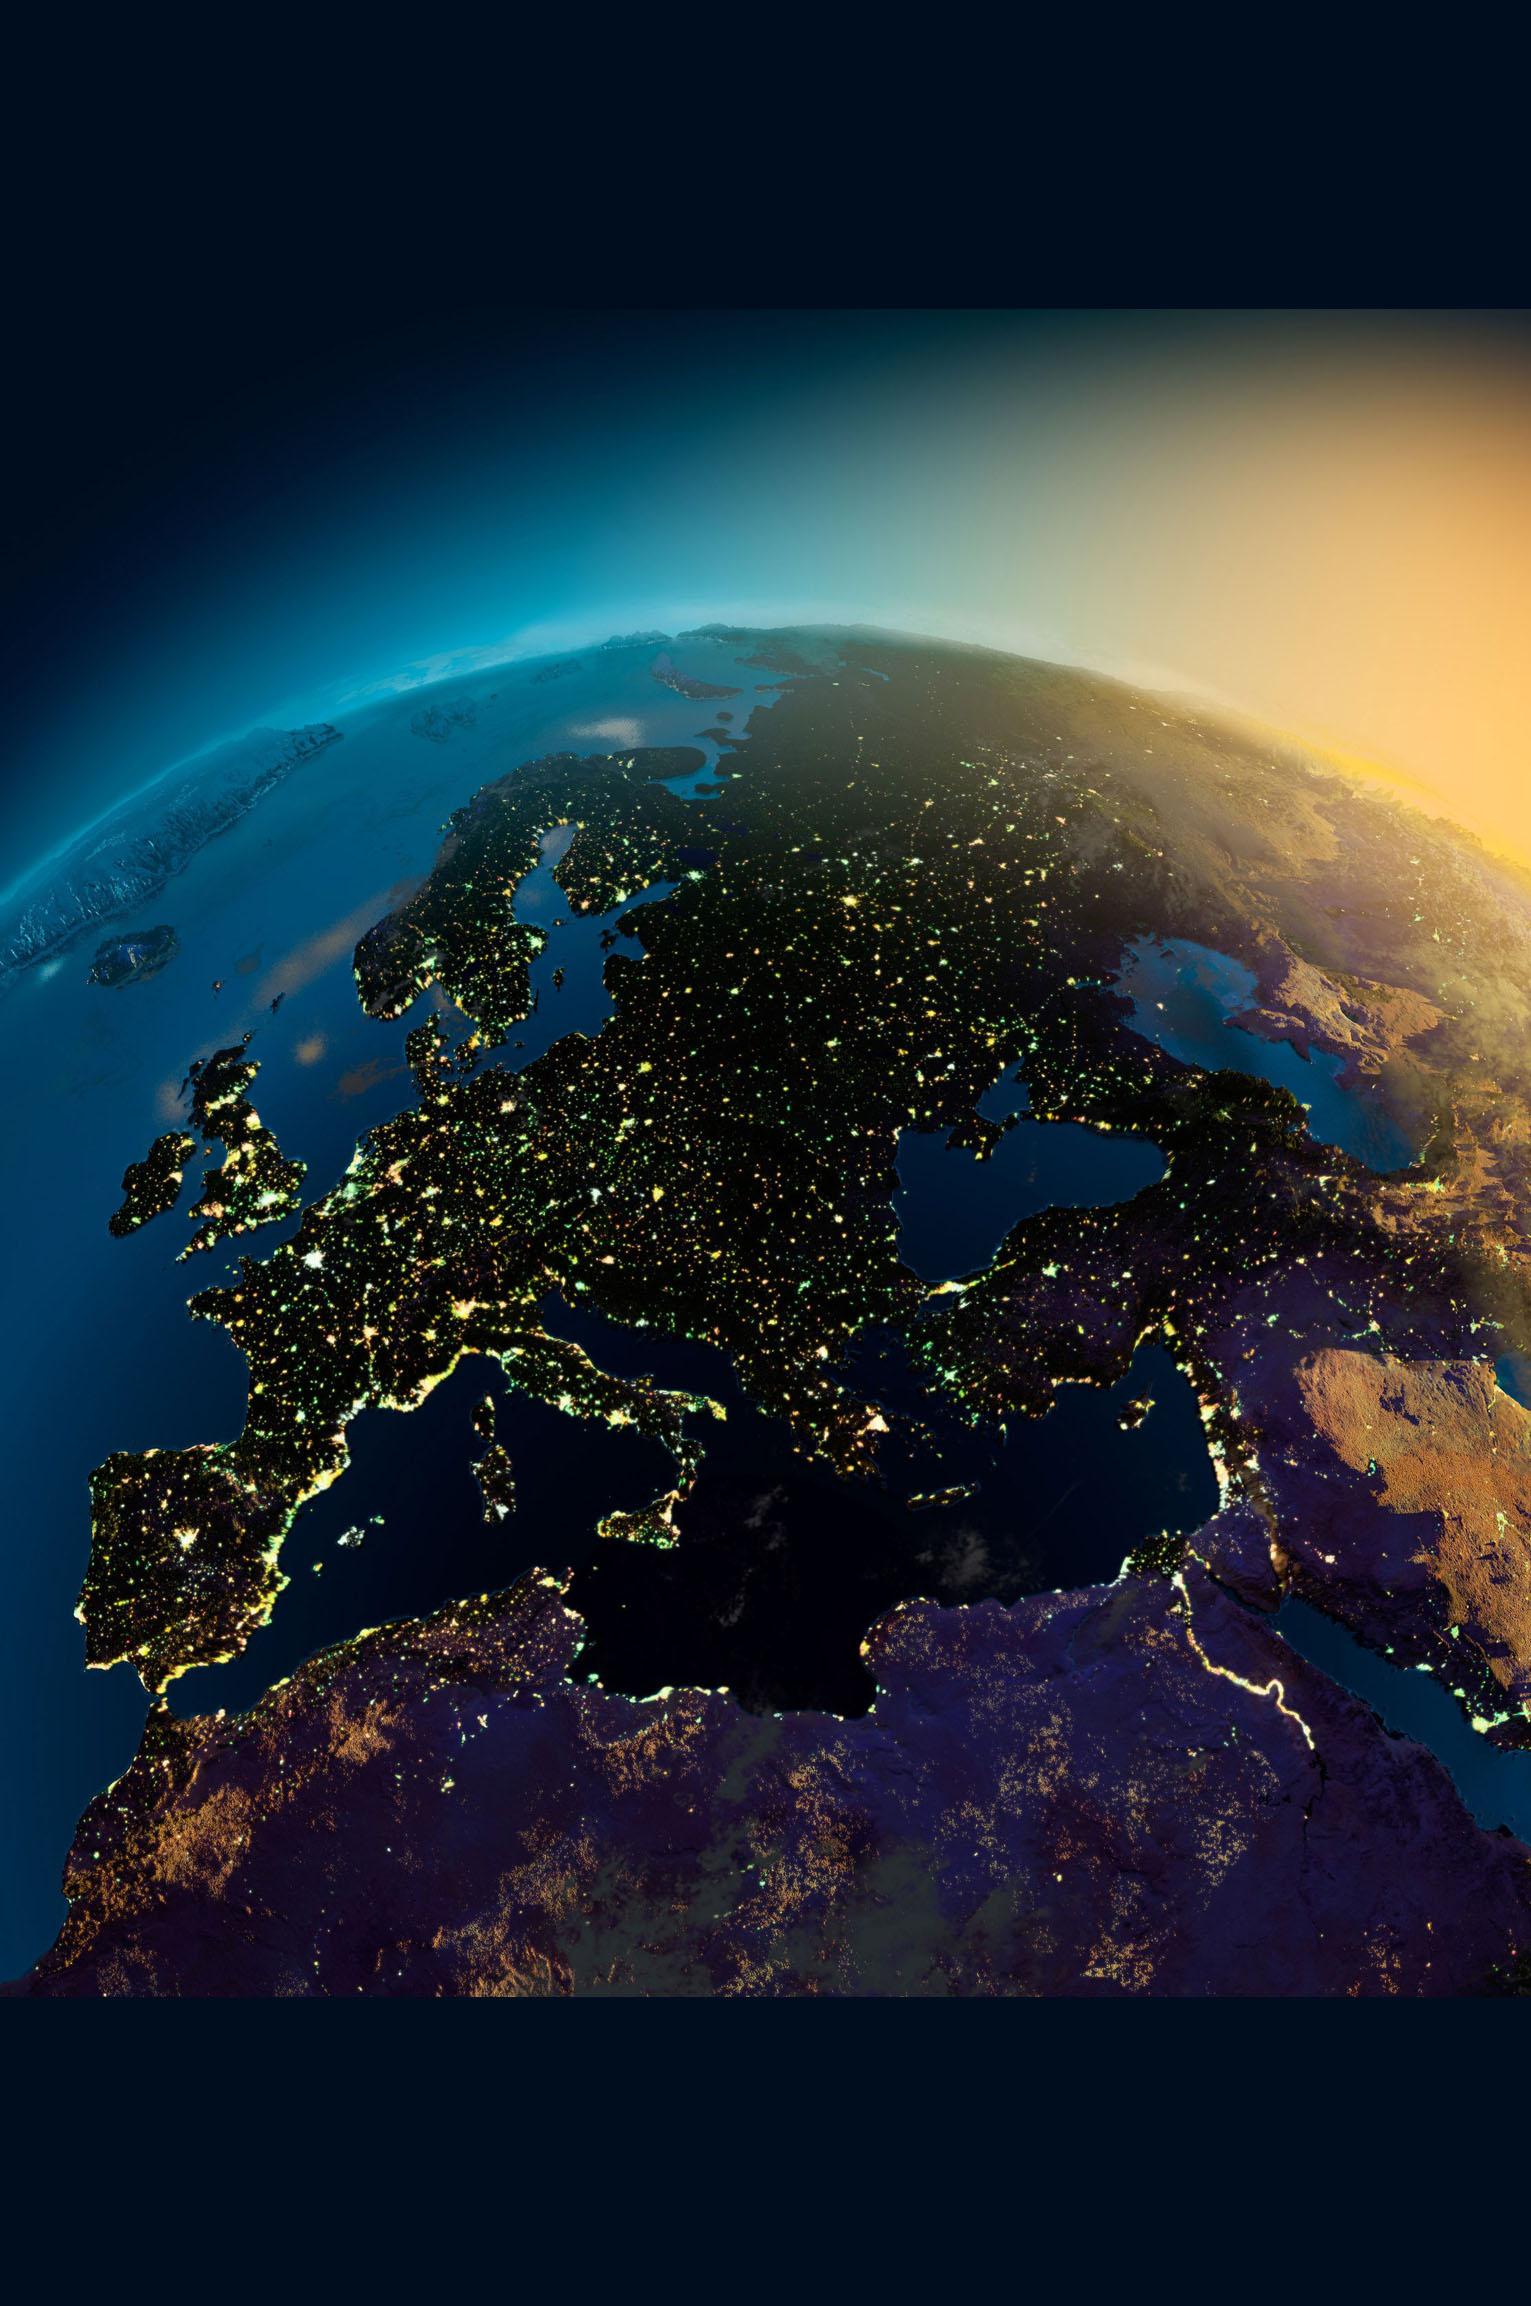 Séminaire inter-axes «Regards croisés sur la notion d'Occident: histoire européenne et point de vue asiatique», vendredi 12 mai 10h-12h